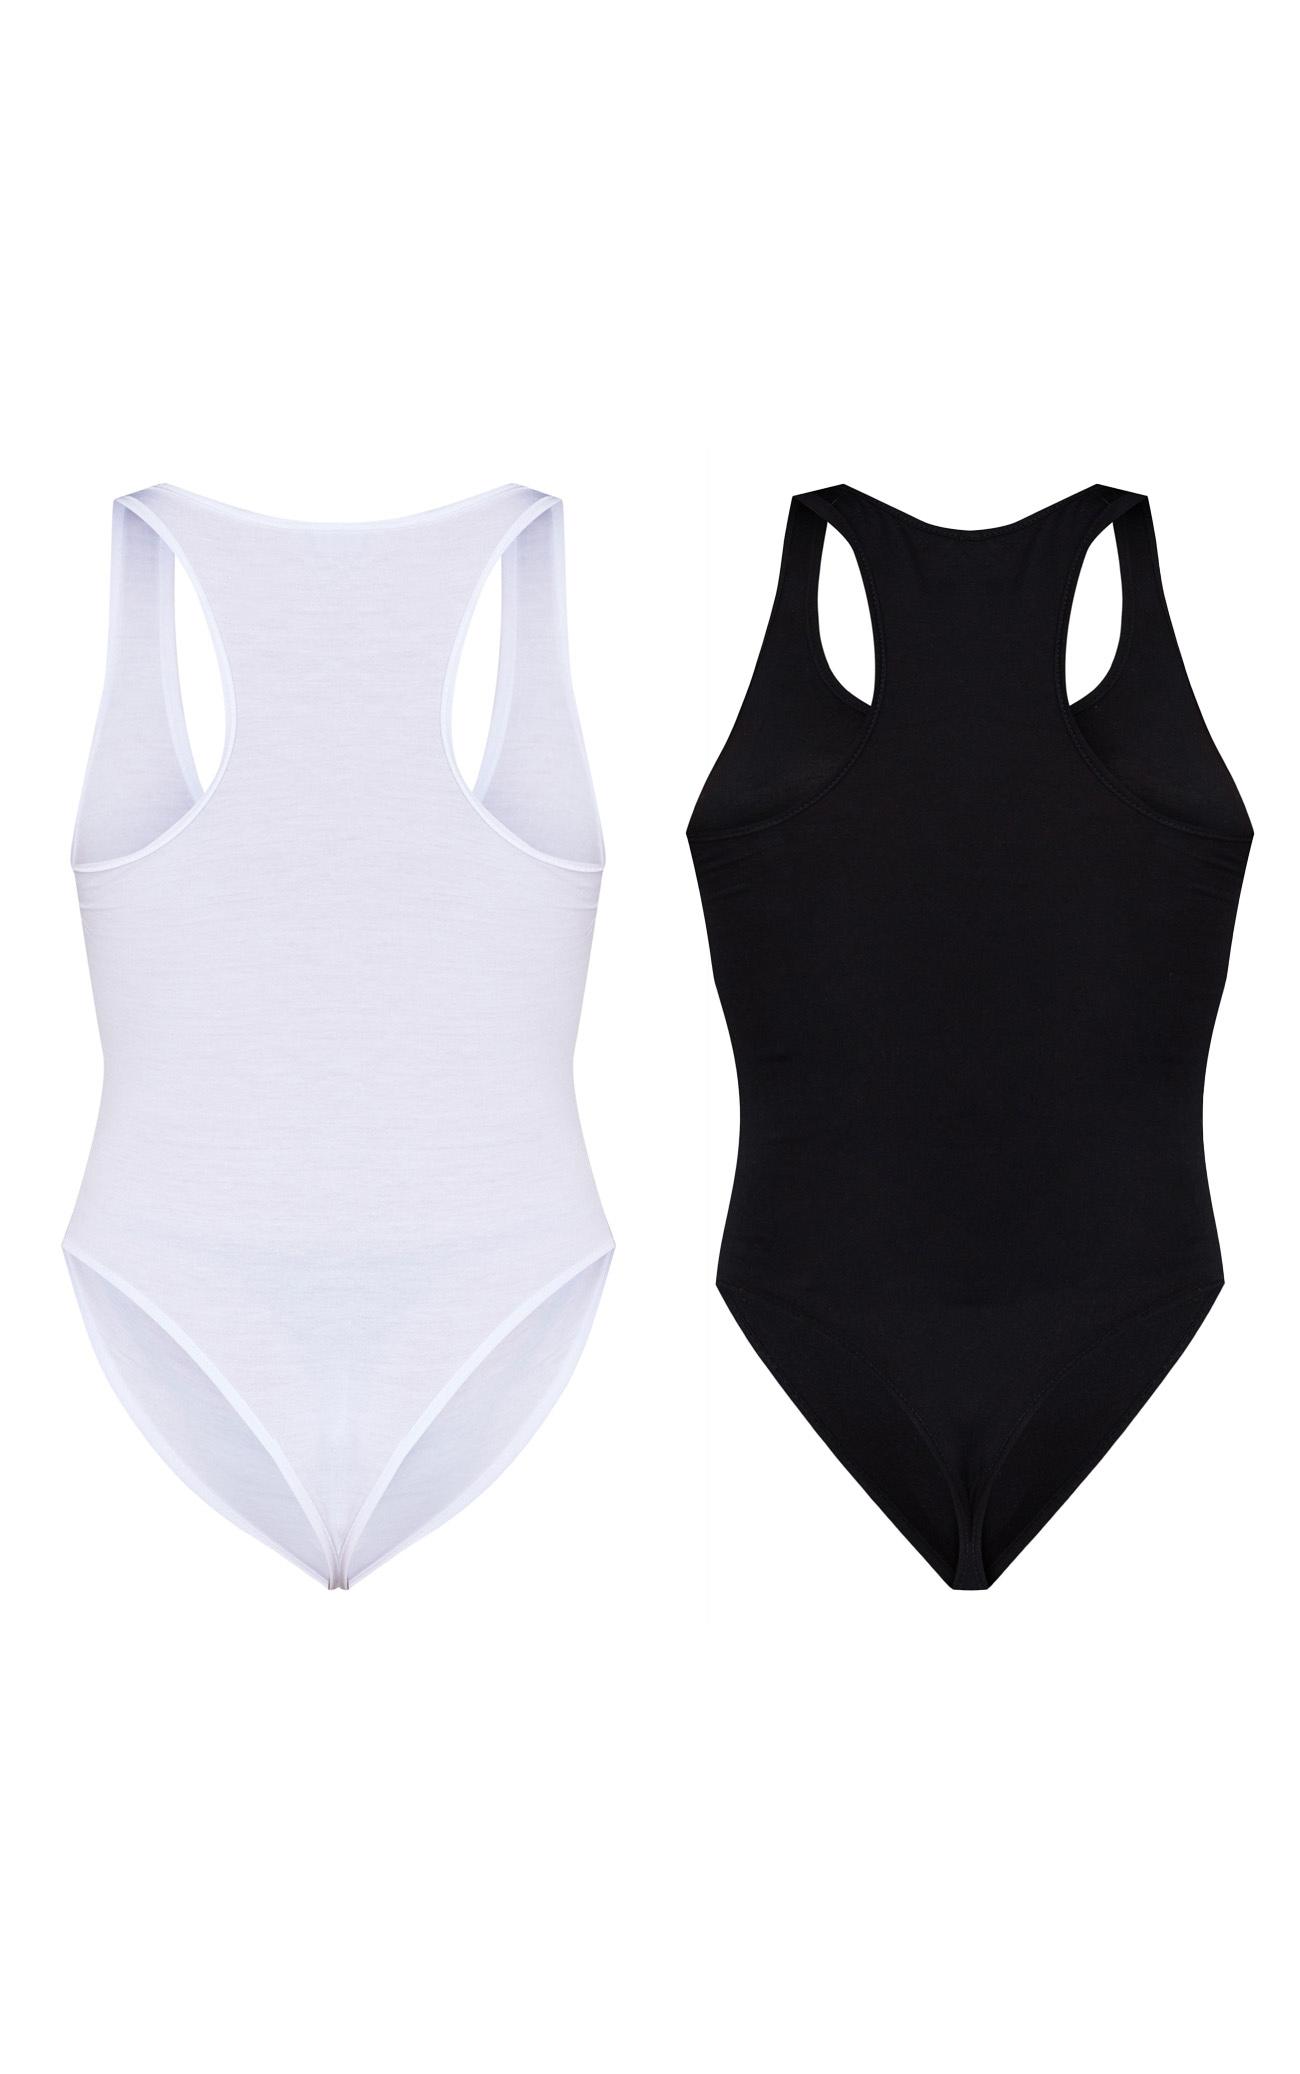 Basic Black & White Racer Back Bodysuit 2 Pack 6